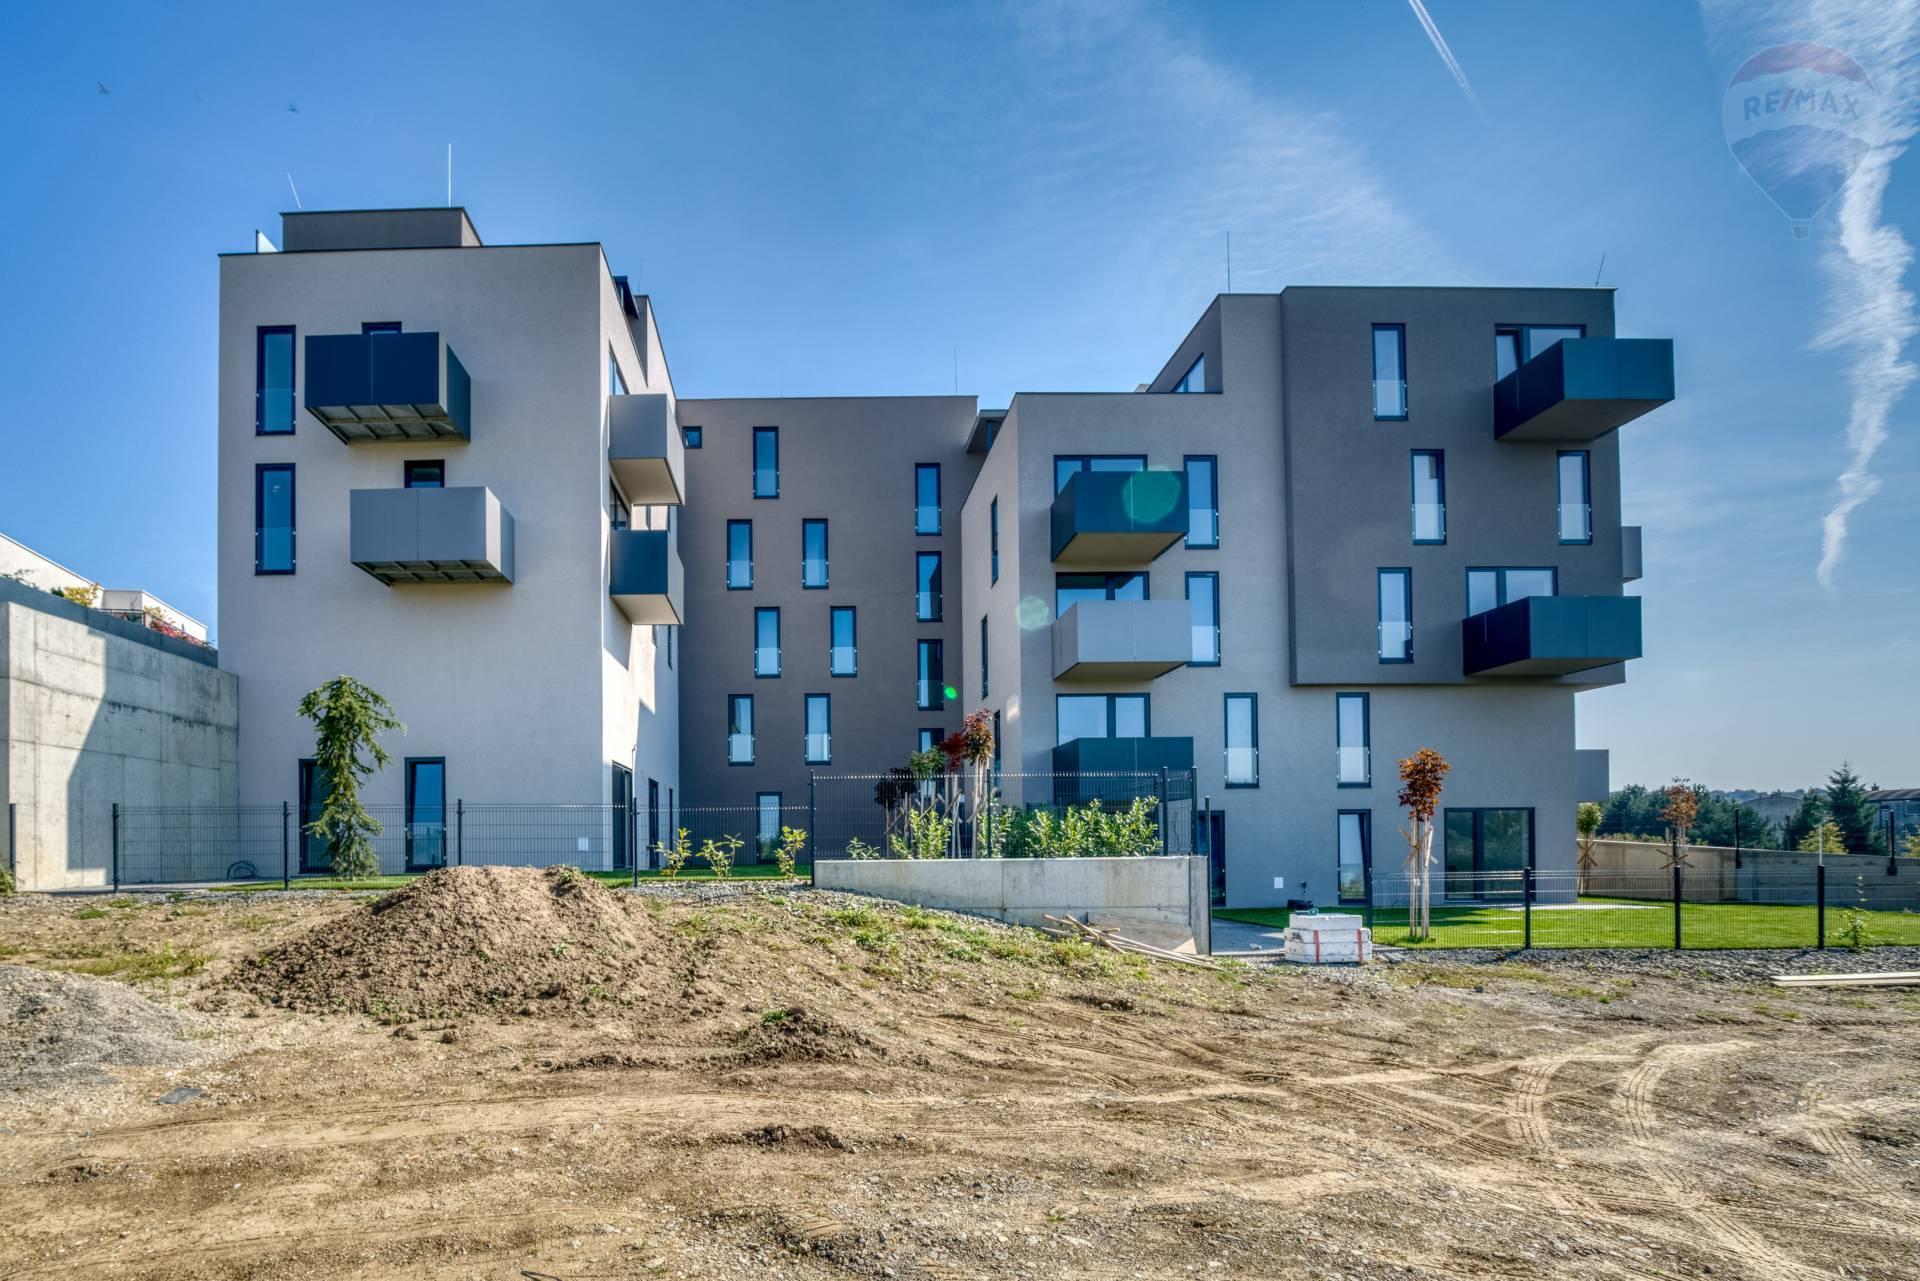 Viladomy Ľubotice - Najlepšie nové bývanie pre Vašu rodinu